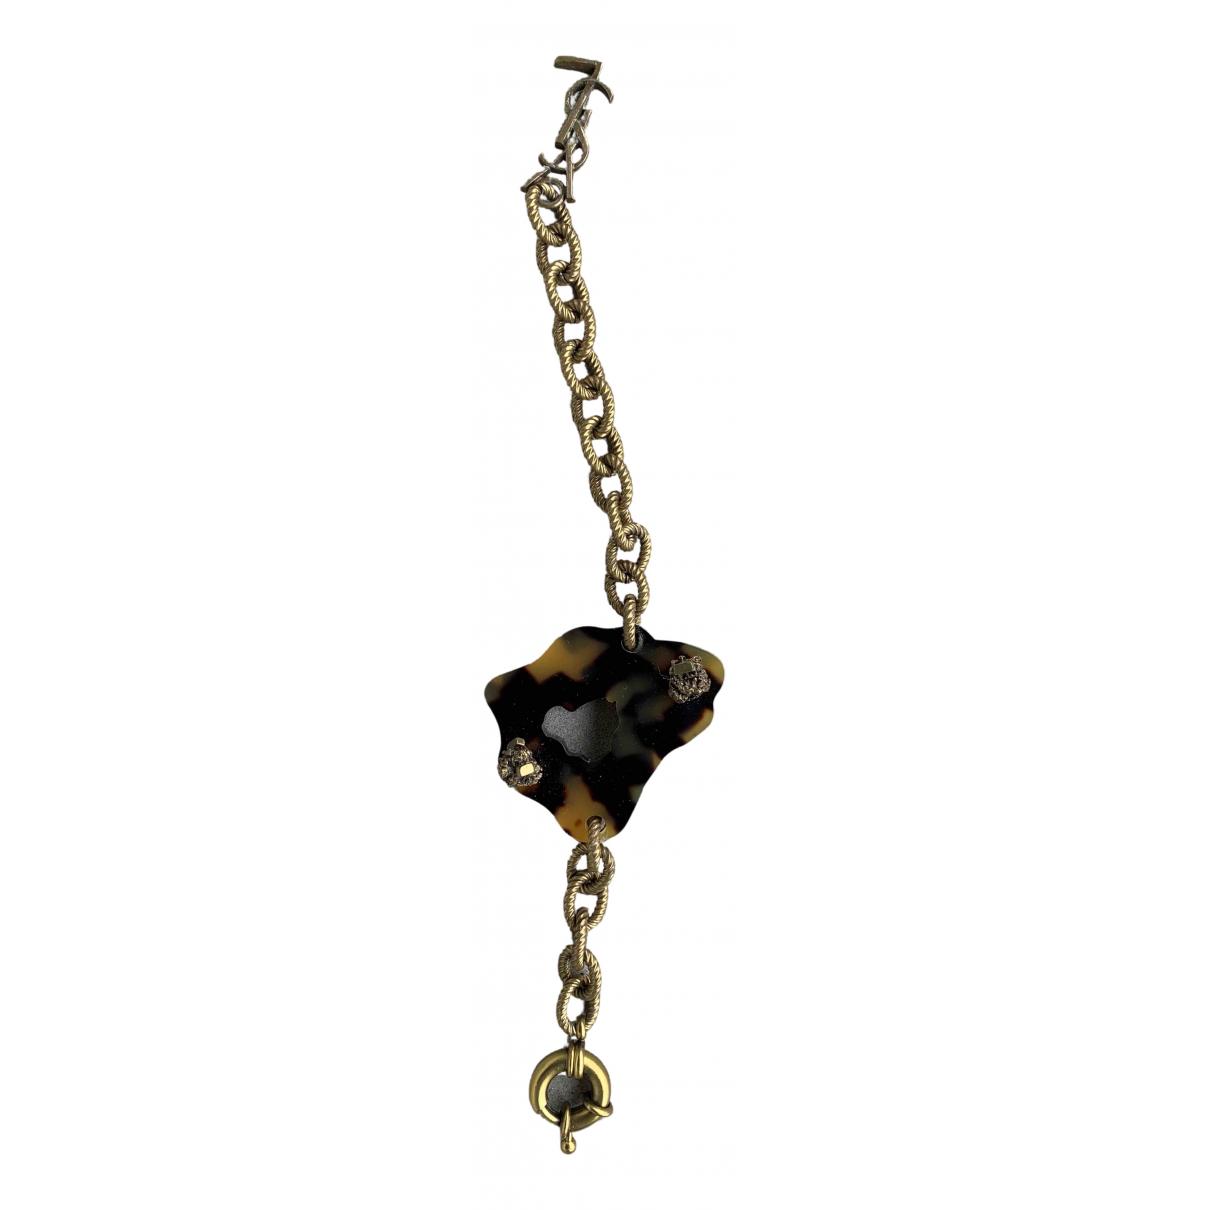 Yves Saint Laurent N Brown Steel bracelet for Women N